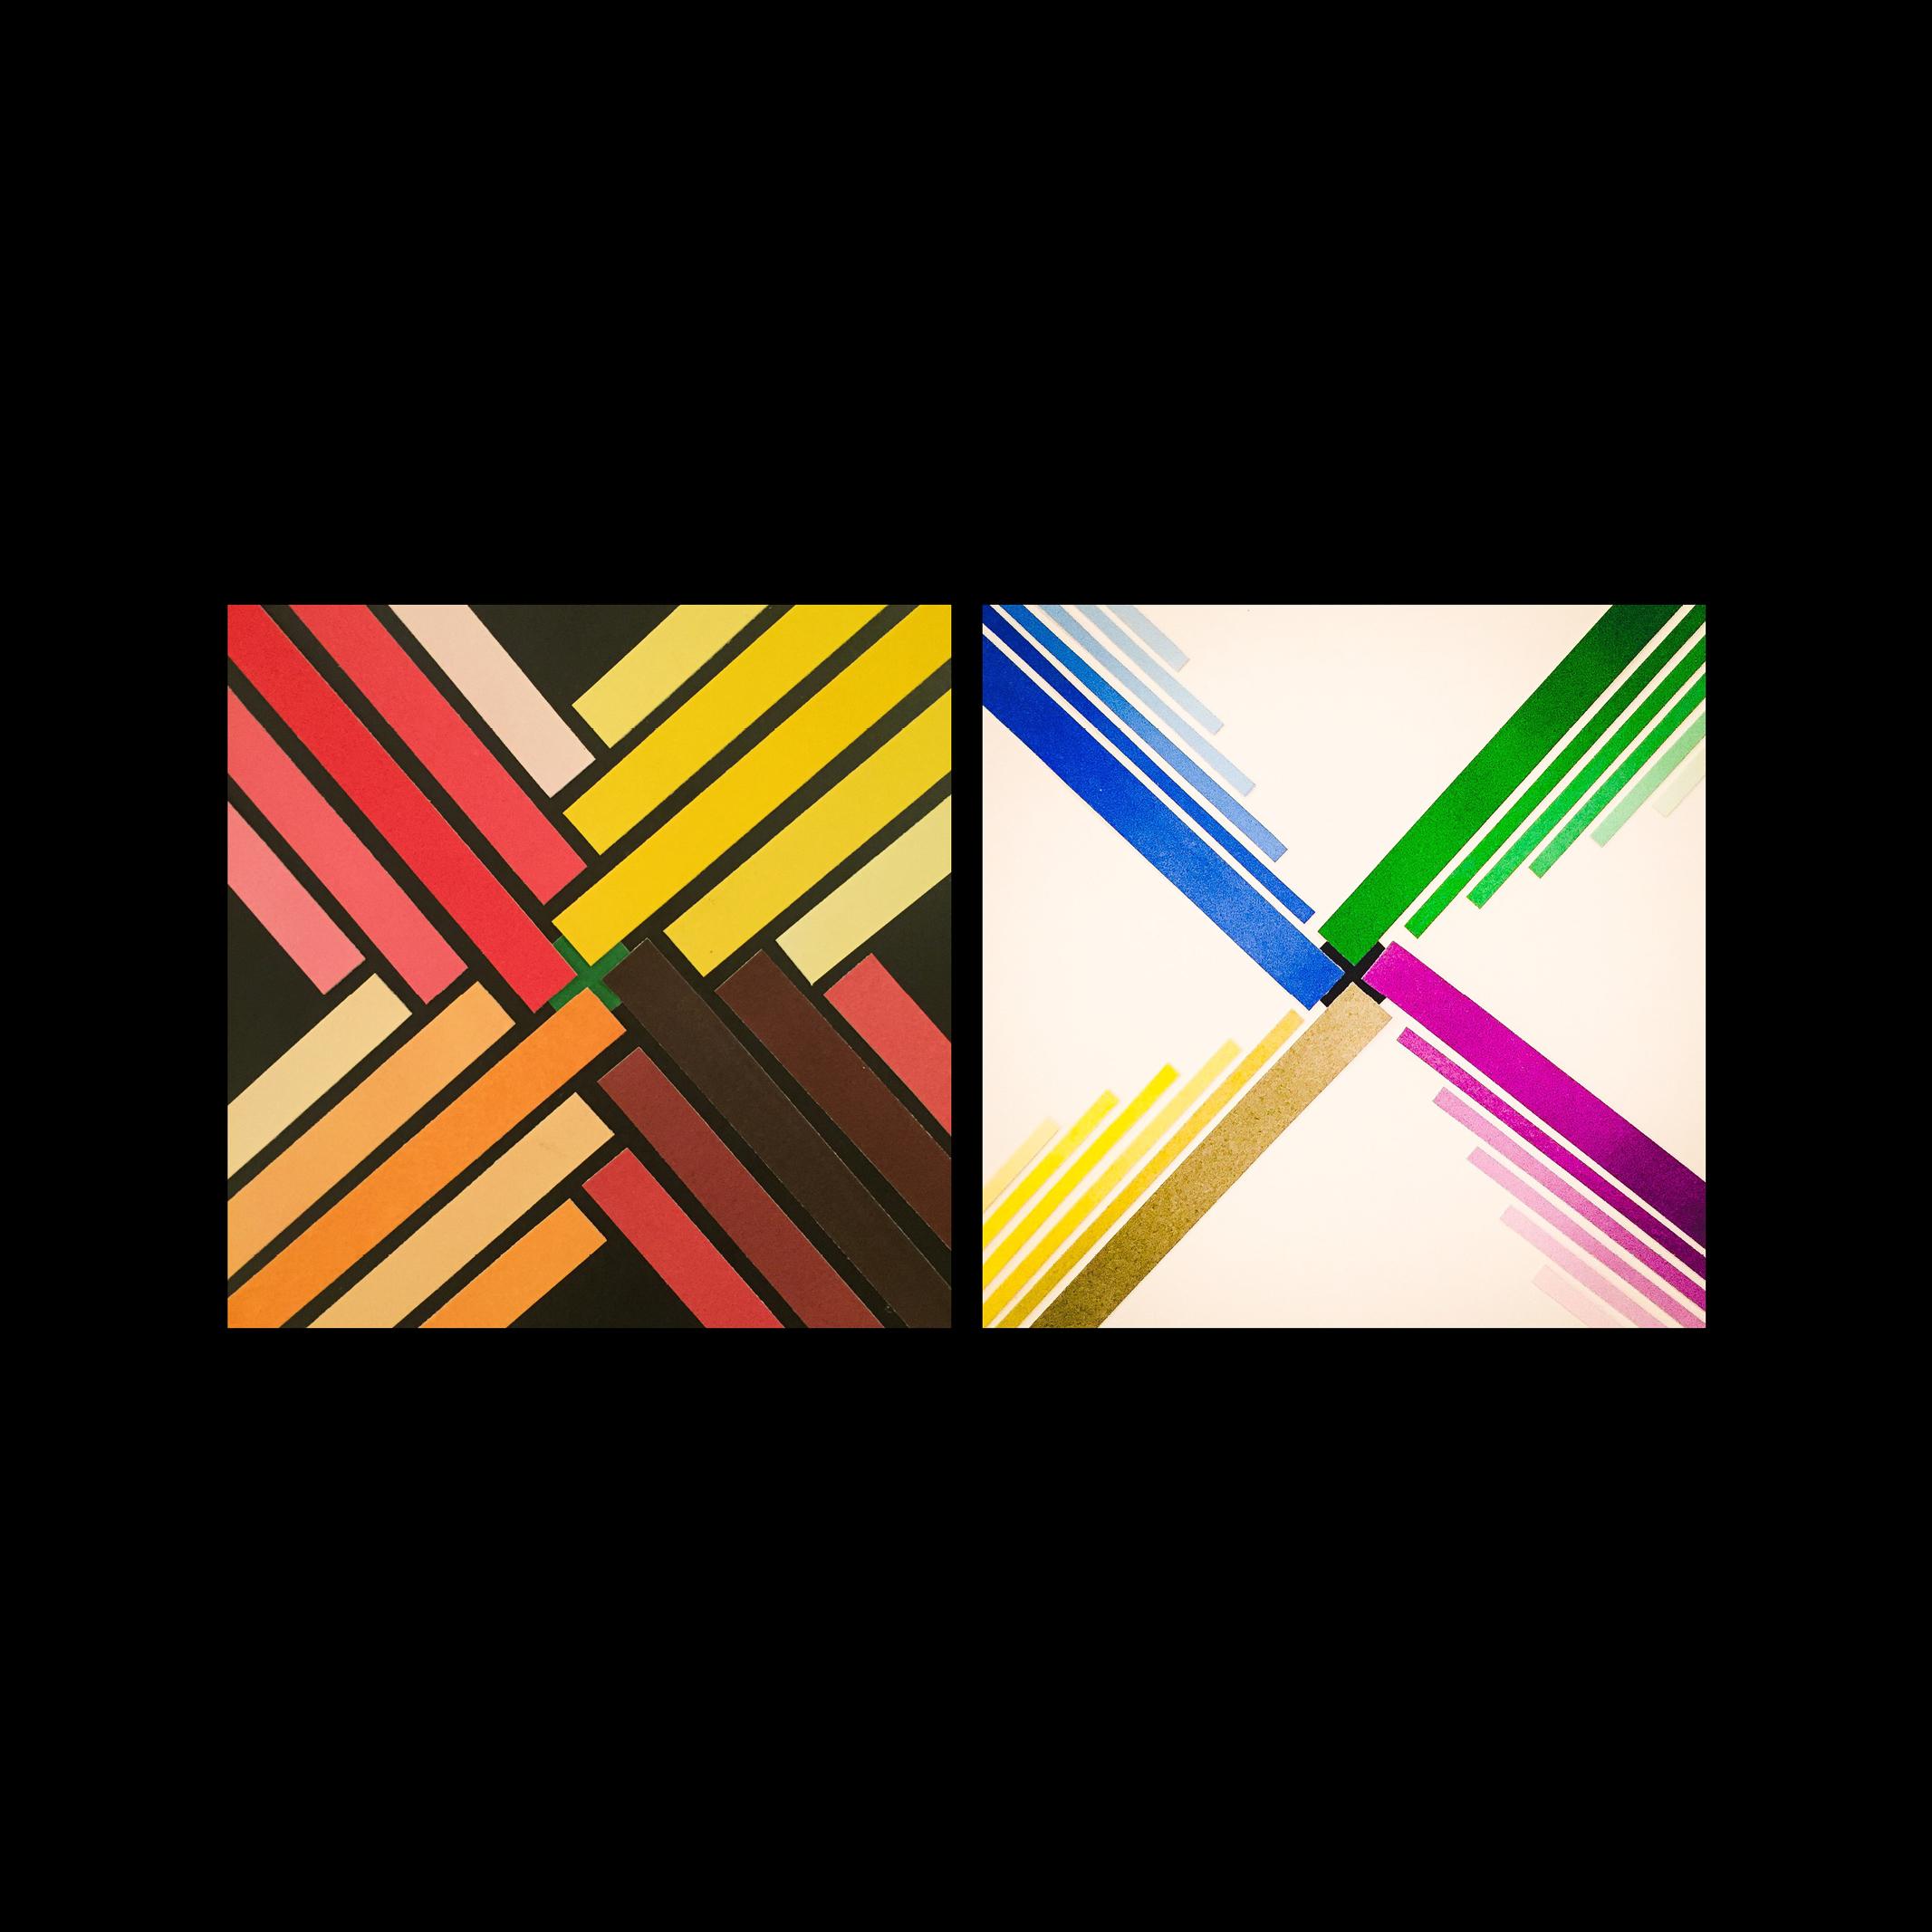 Form&Color_F1637.jpg